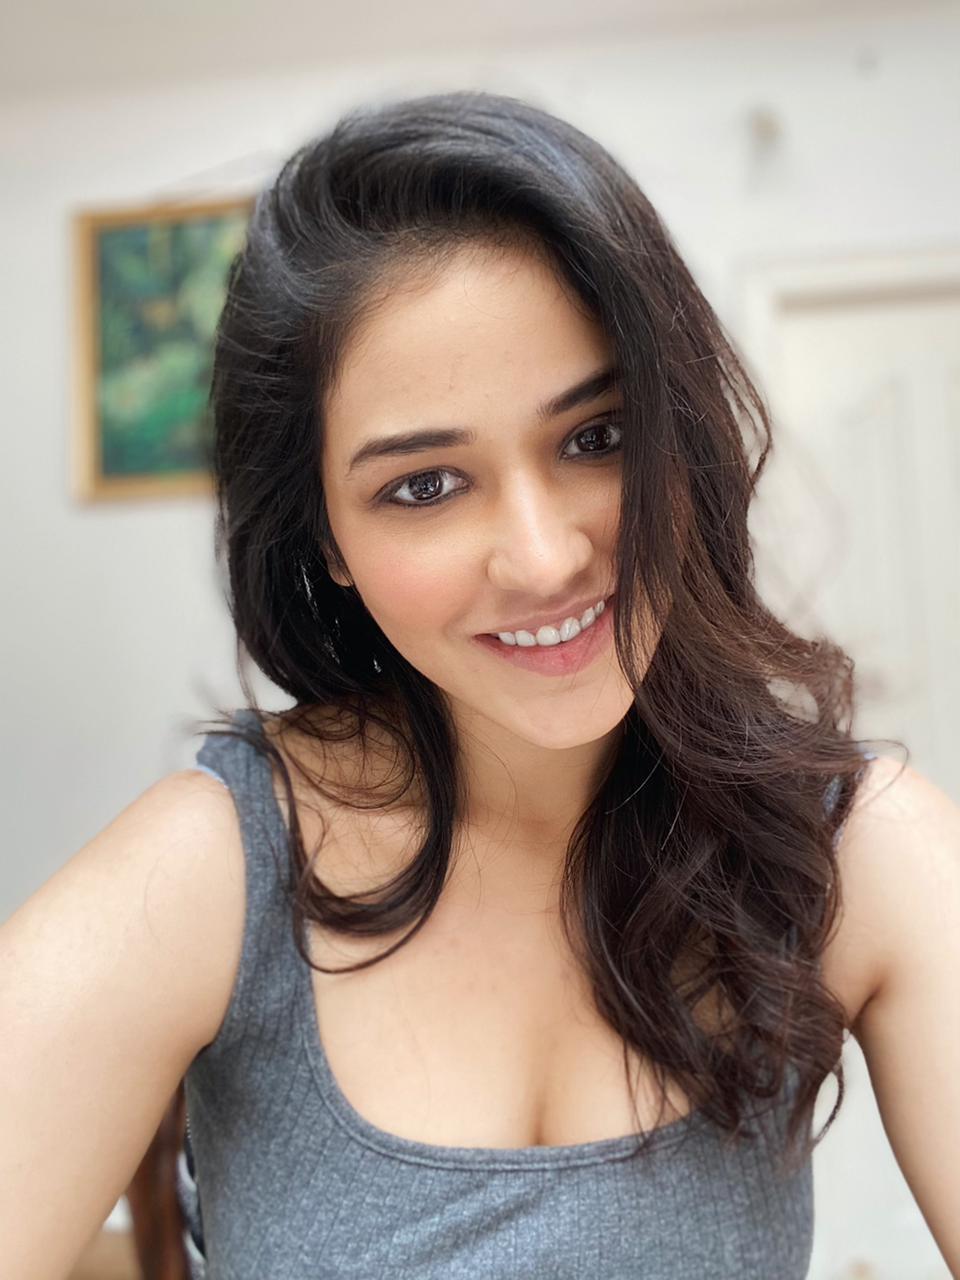 Priyanka Jawalkar Latest Photo shoot and hot images